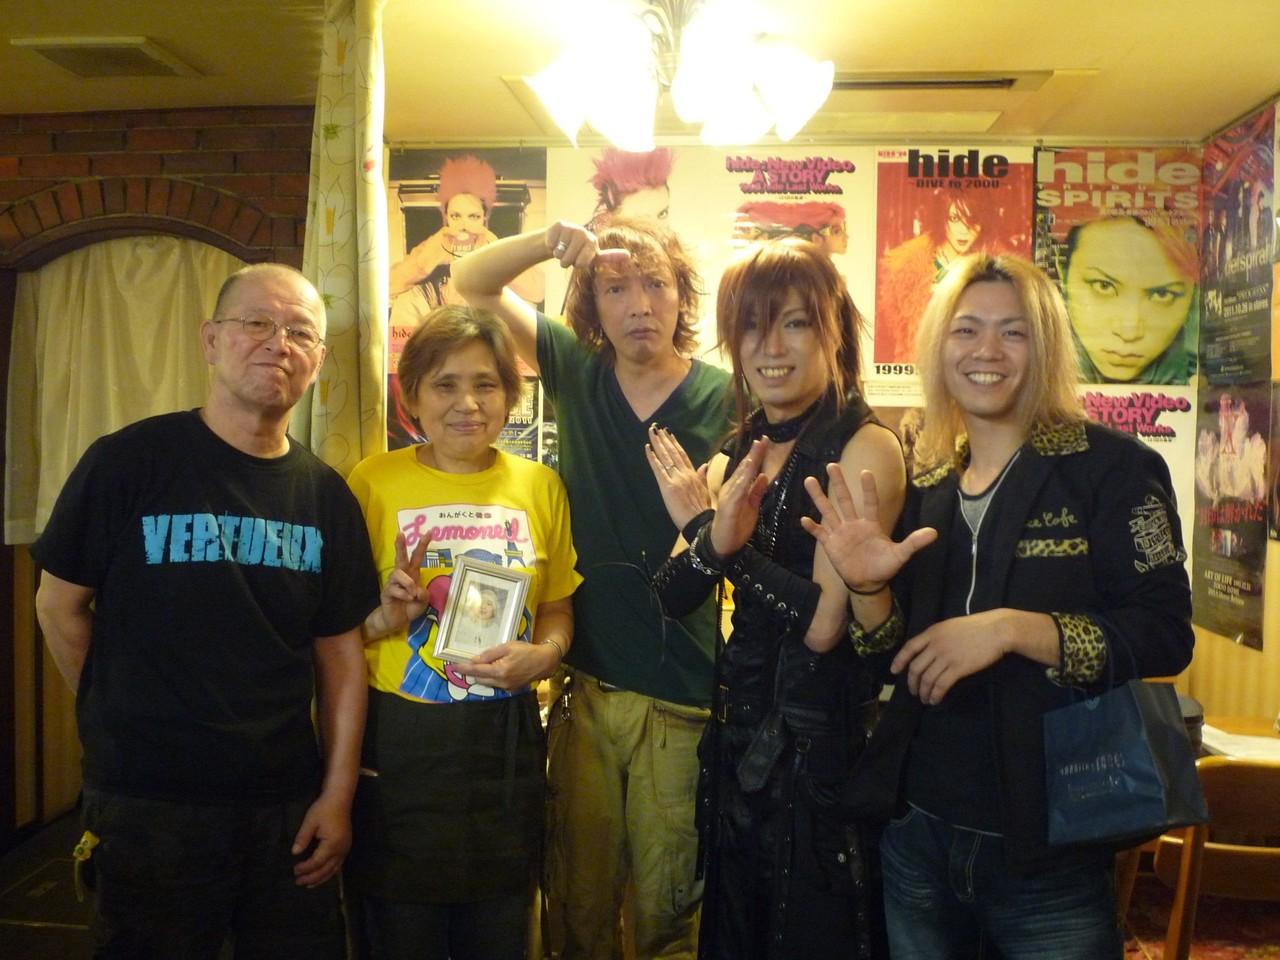 木村世治さん、YUSHIさん、マスター、お母さんと記念撮影☆最高に楽しい時間をありがとうございました!